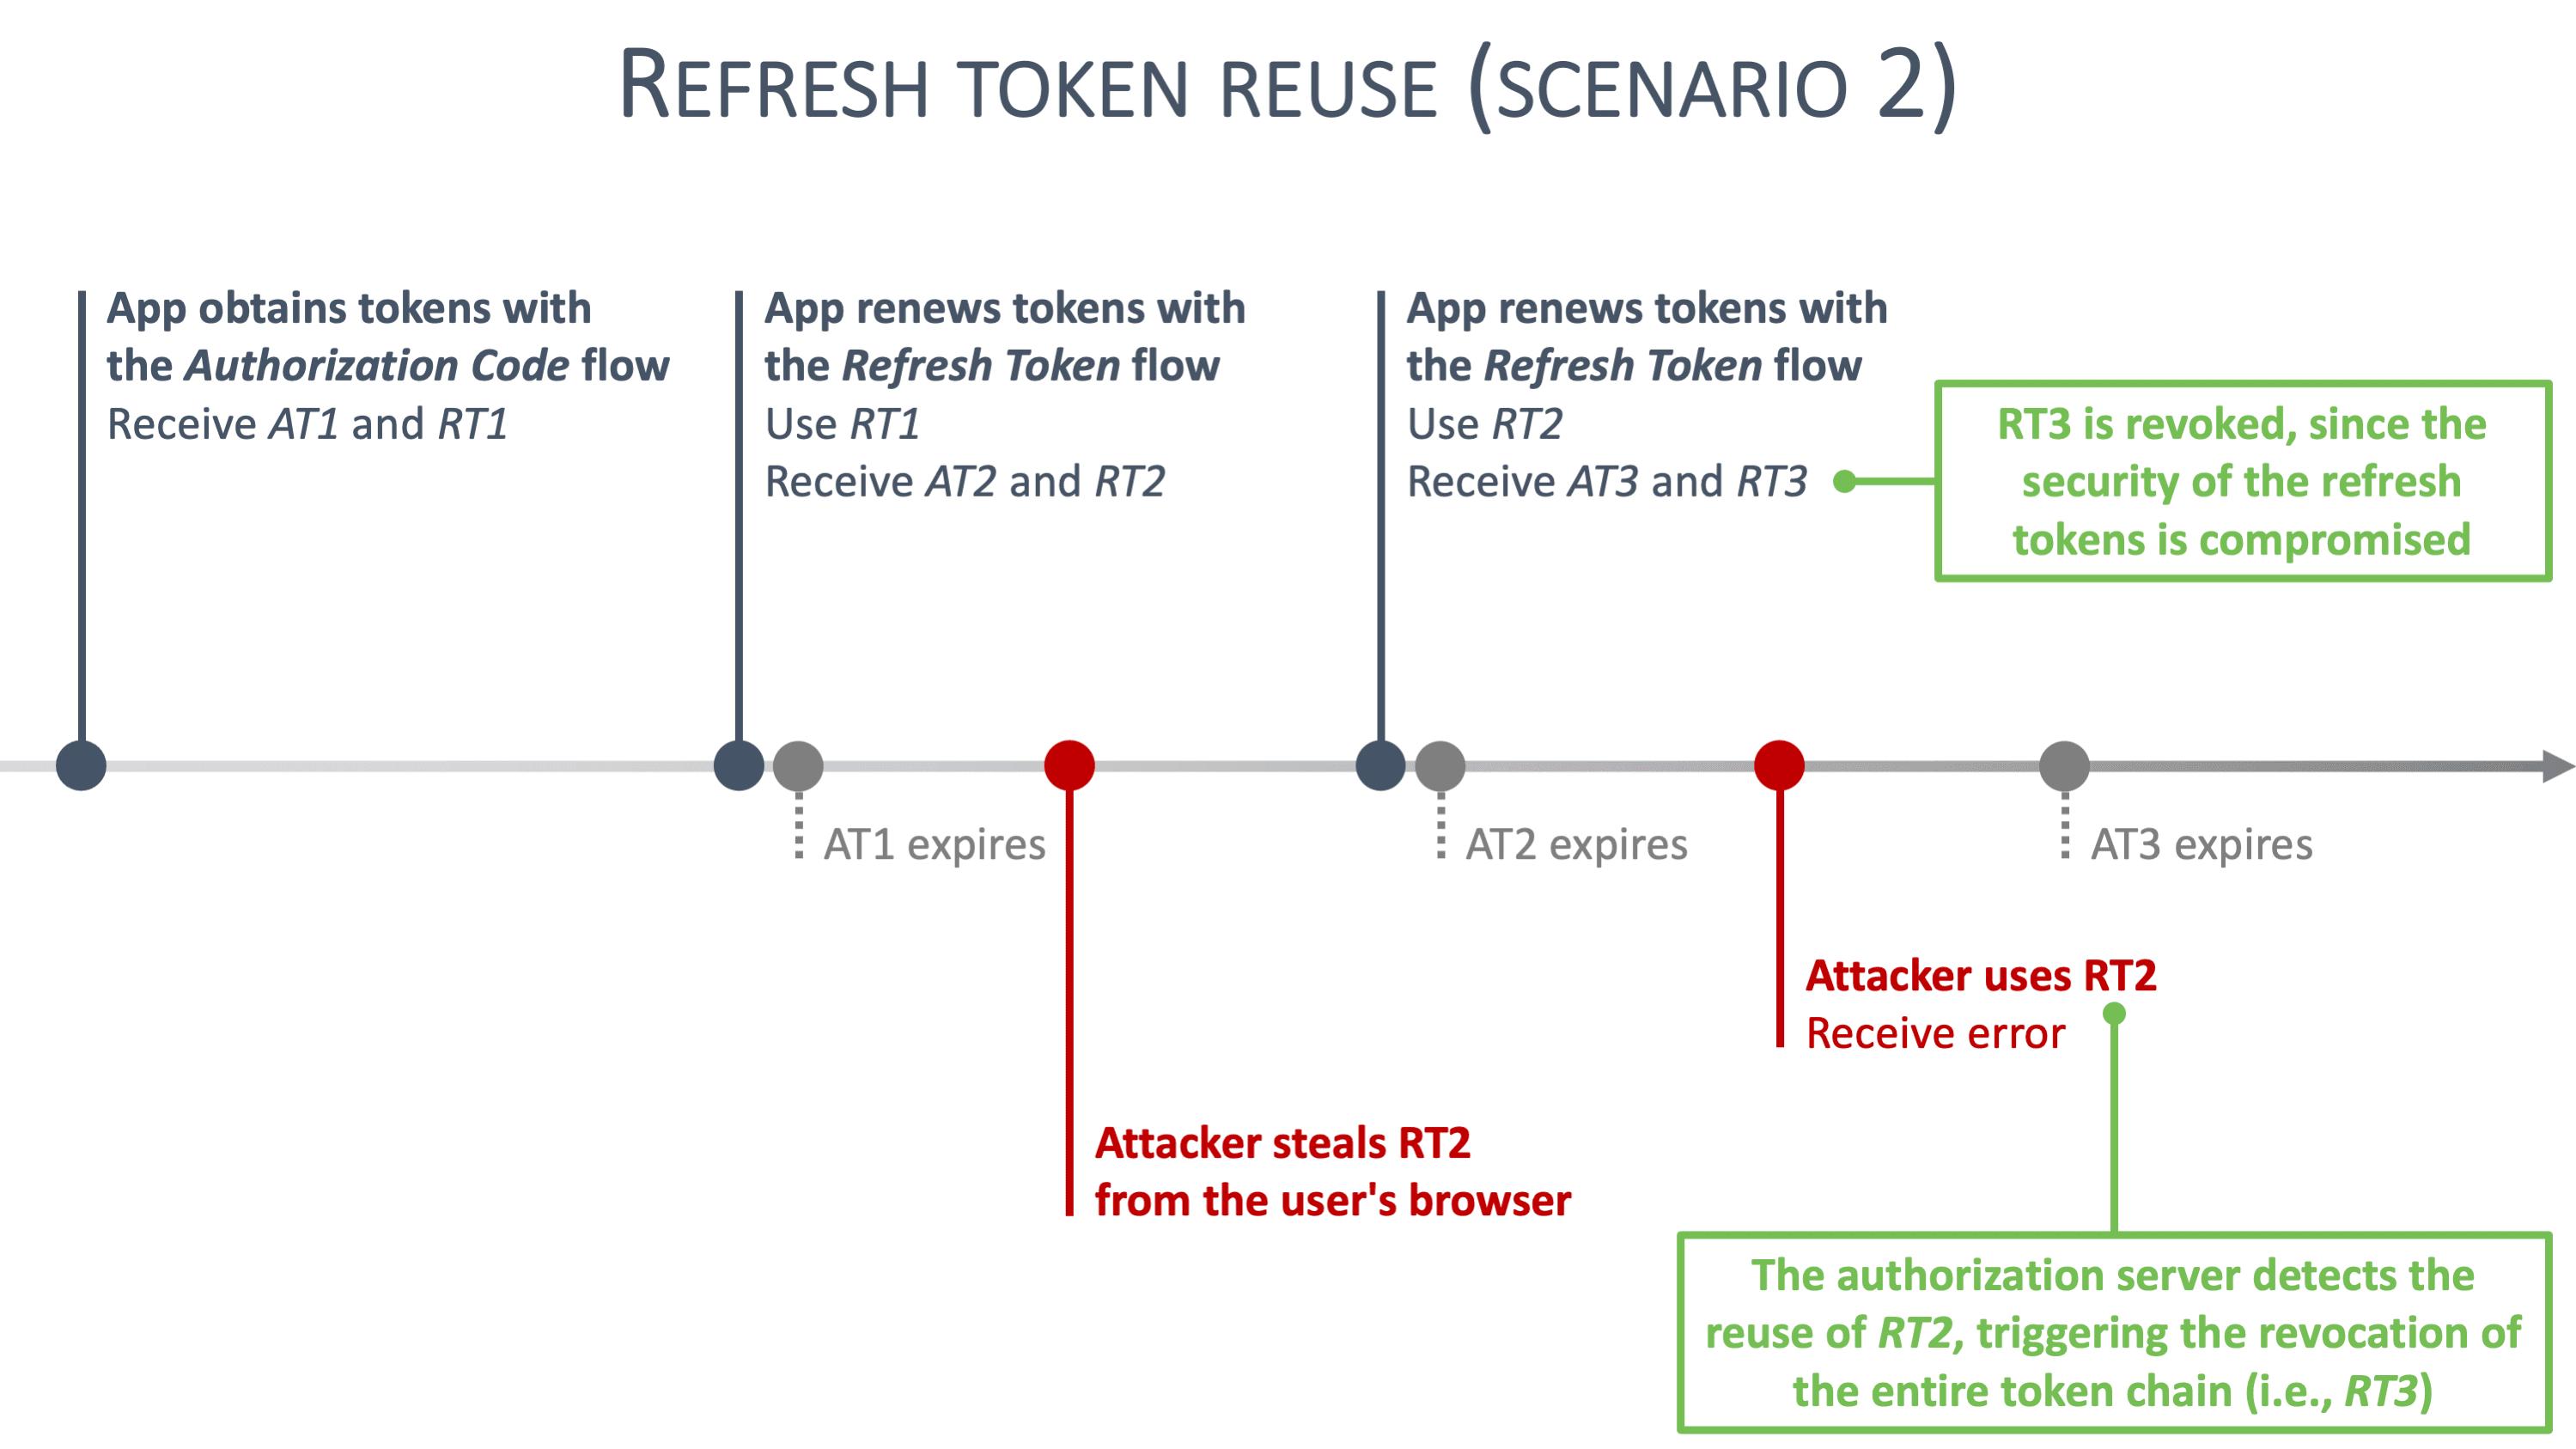 Refresh token rotation scenario 2 graphic